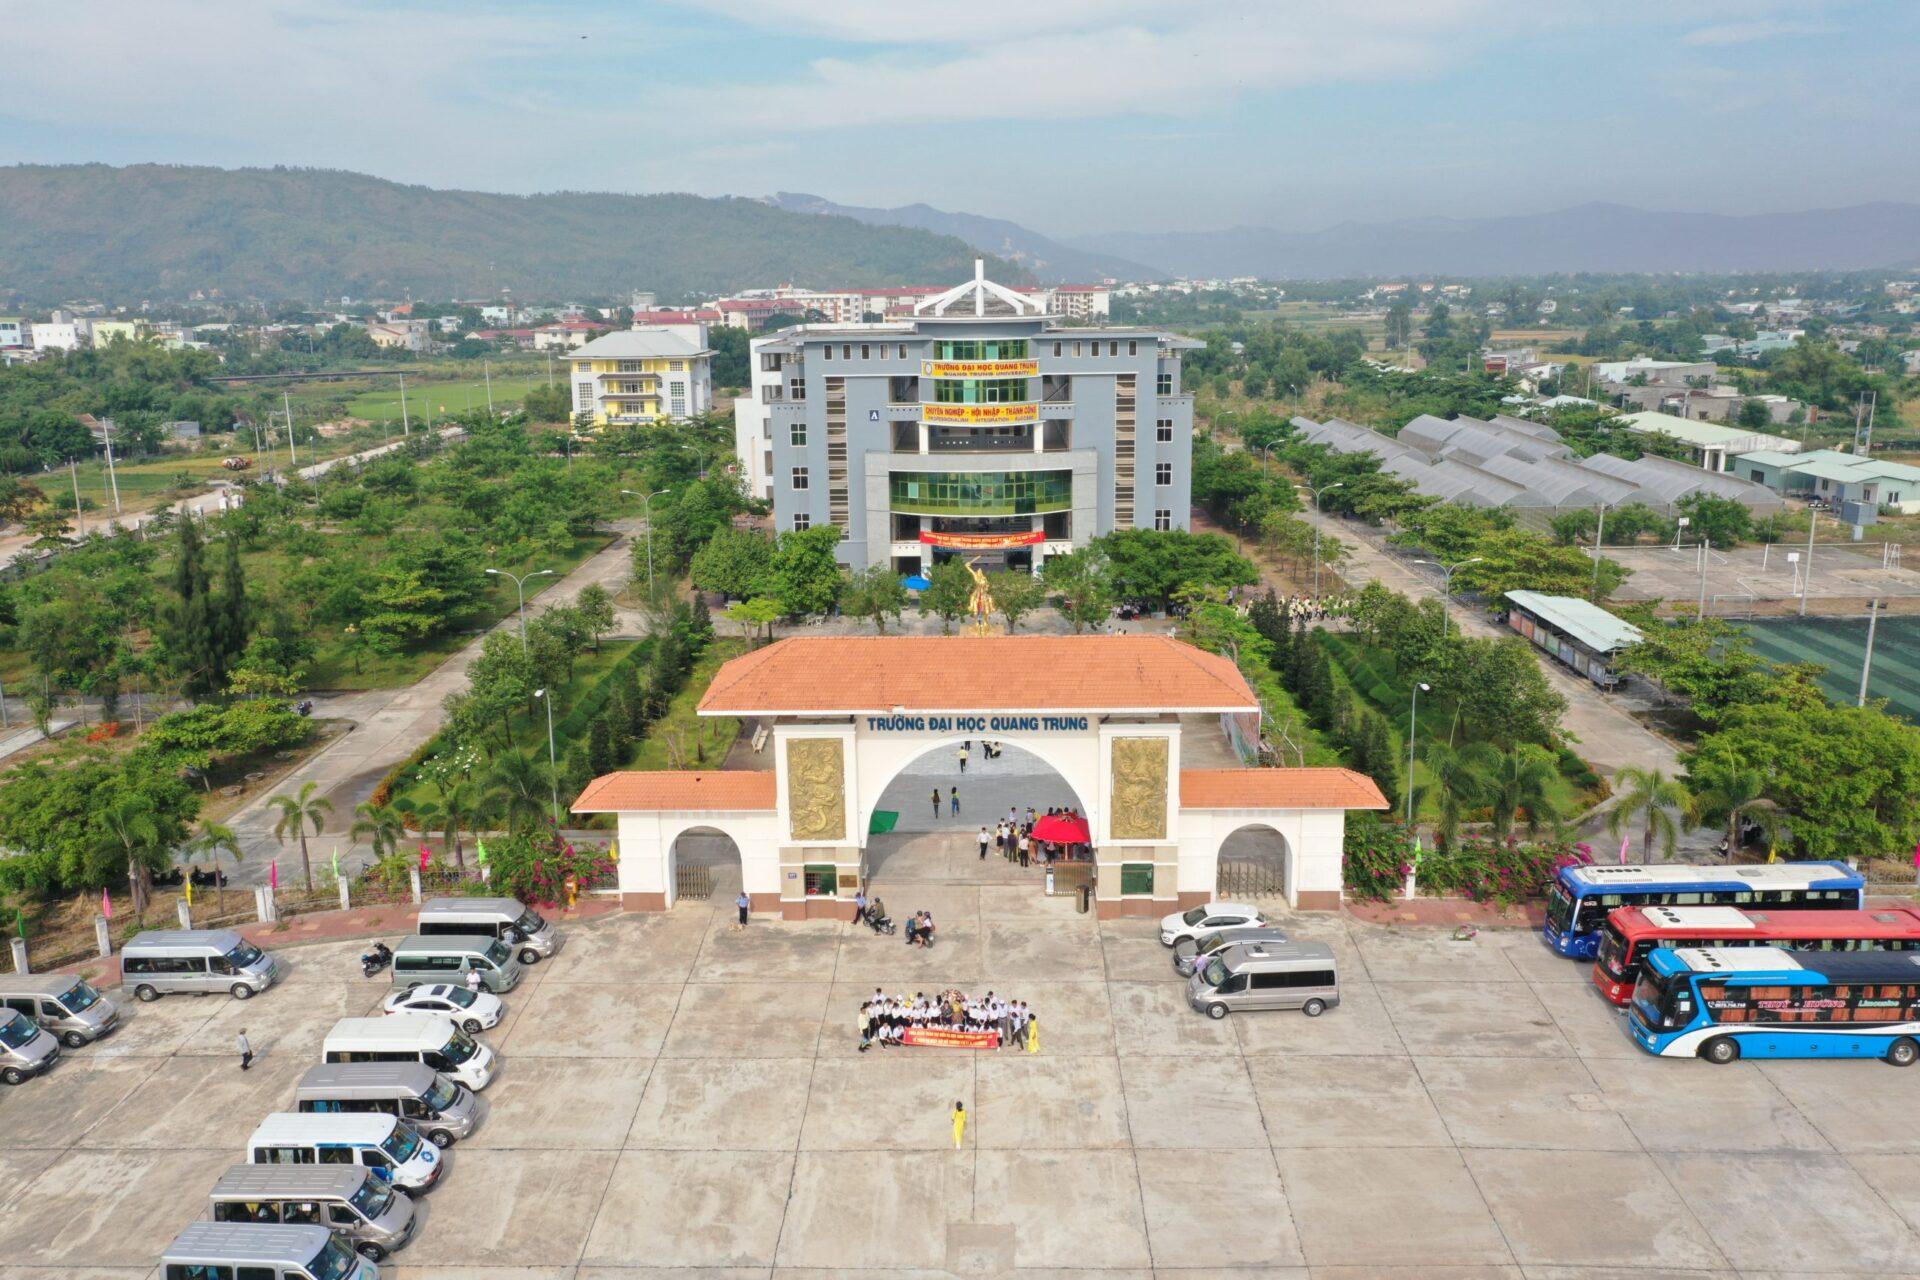 Trường ĐH Quang Trung: Nhiều ưu đãi kỳ tuyển sinh năm 2021